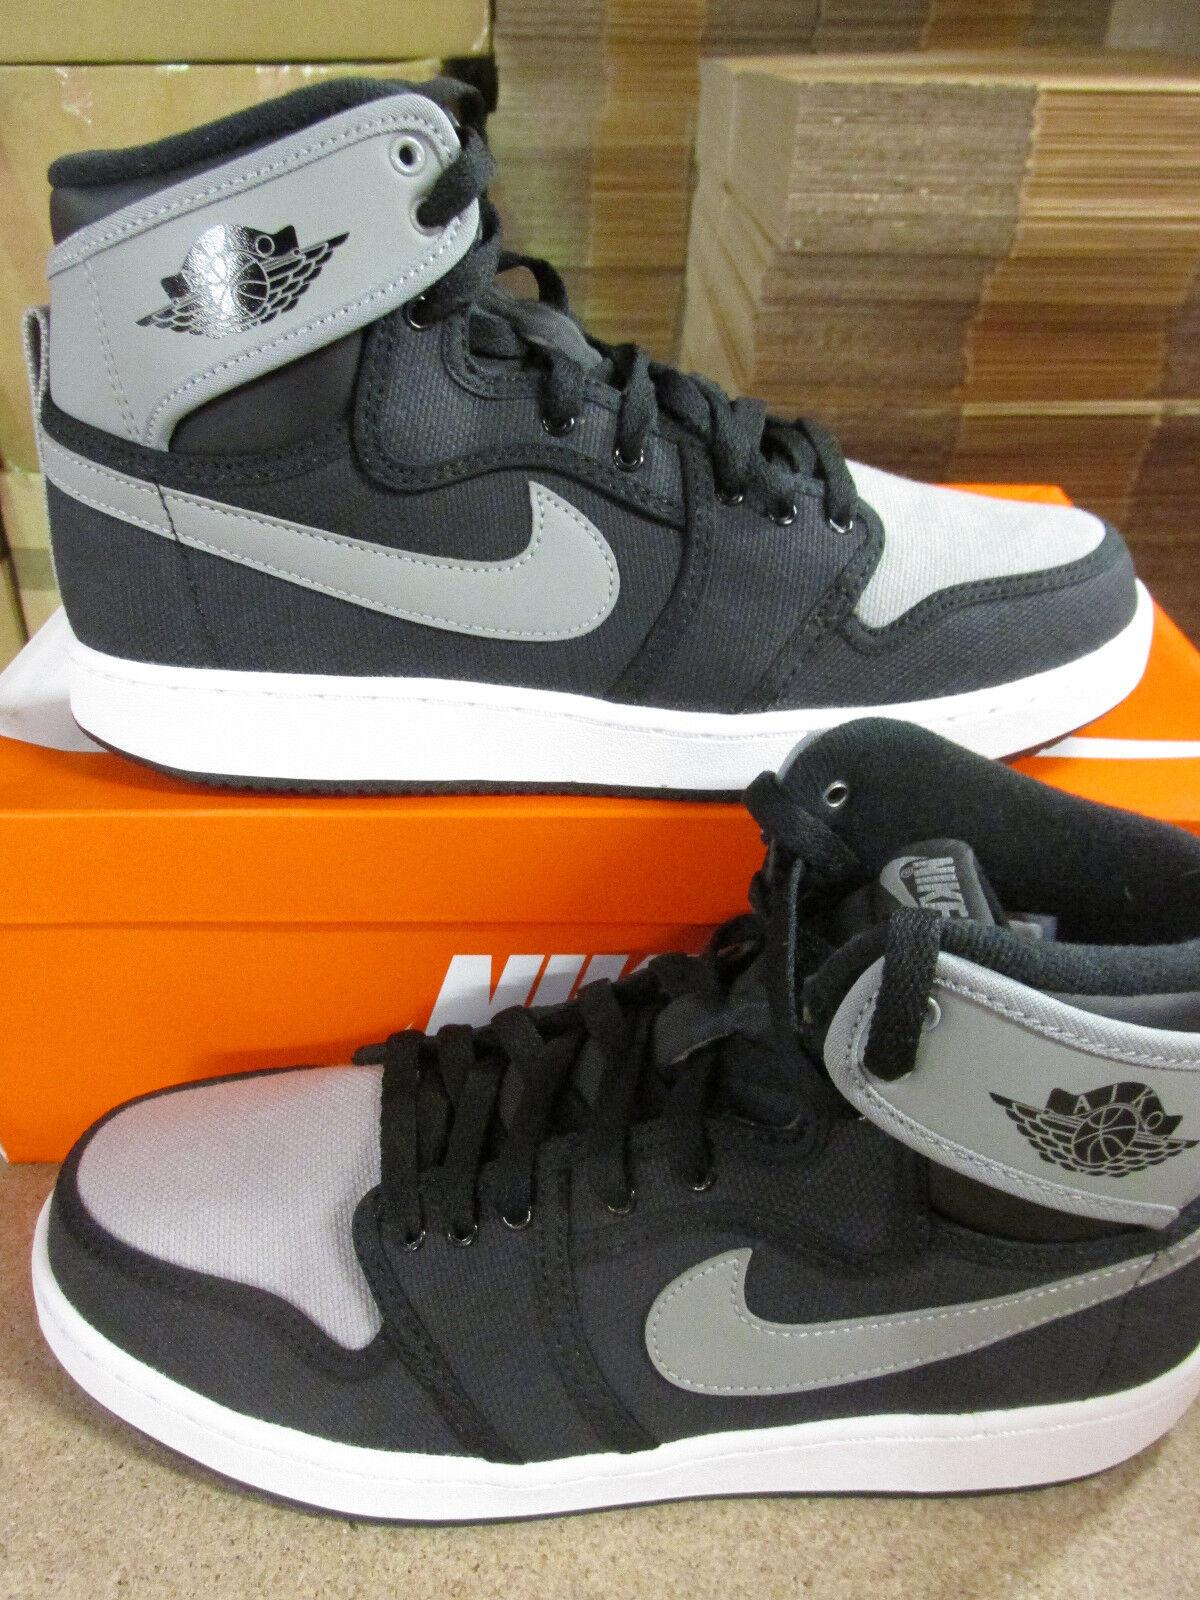 nike air jordan AJ1 KO high mens hi top trainers 638471 003 sneakers schuhe